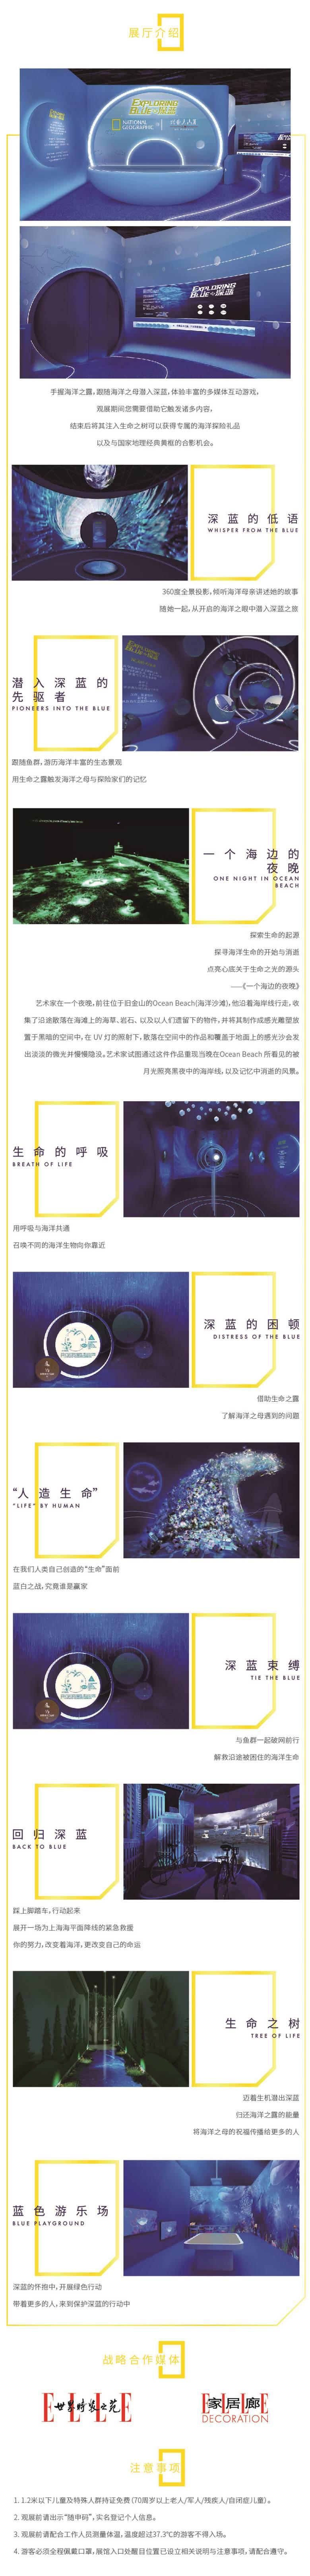 深蓝海报最新小-3.jpg